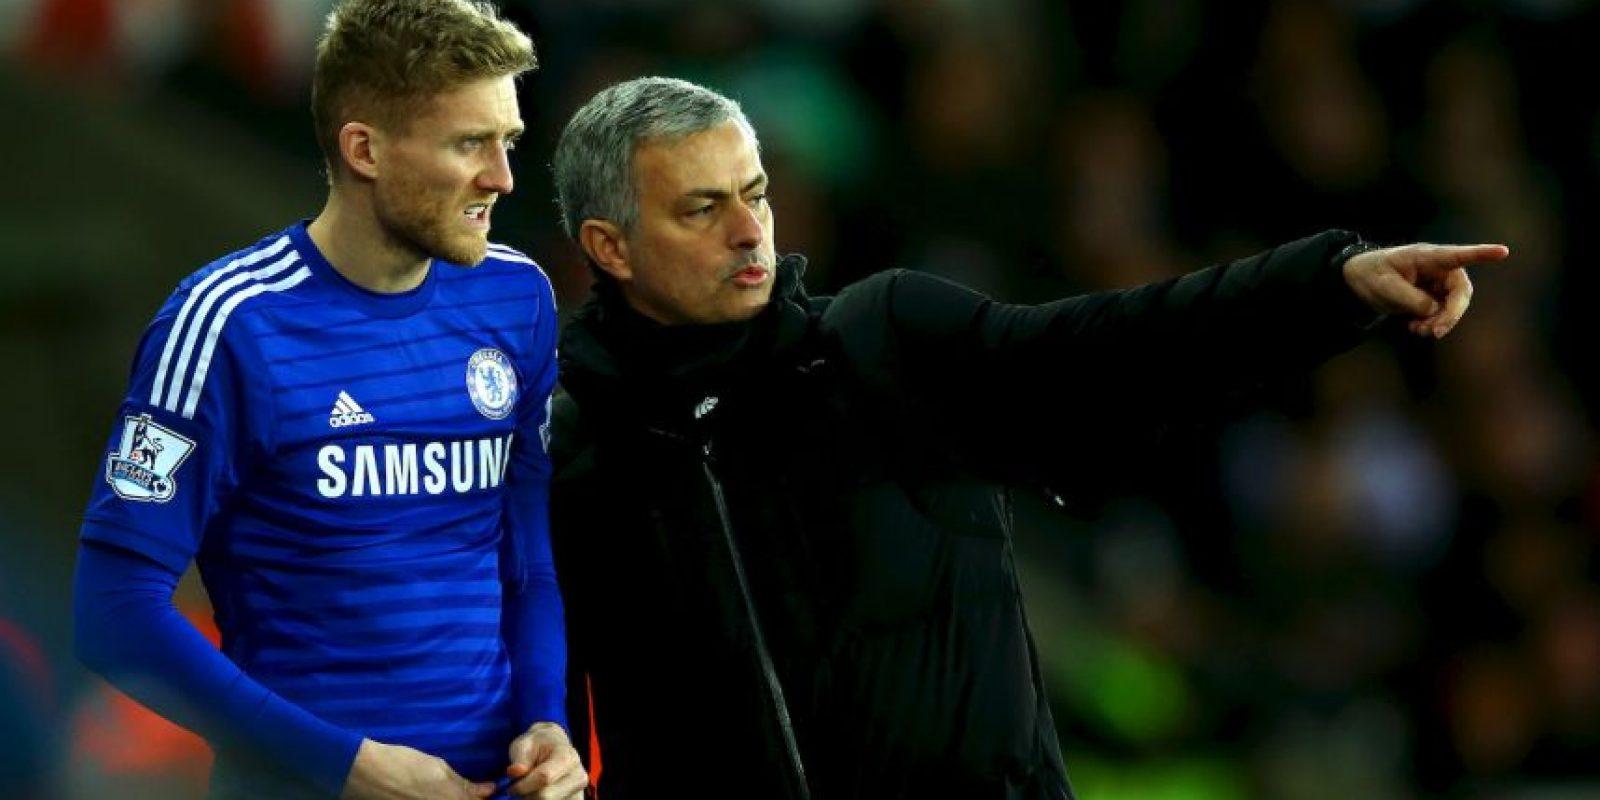 """Jose Mourinho, entrenador del Chelsea, le hizo una llamada a Andre Schurle, jugador del Wolfsburgo y que militó con los """"Blues"""" hasta el pasado mes de enero. Foto:Getty Images"""